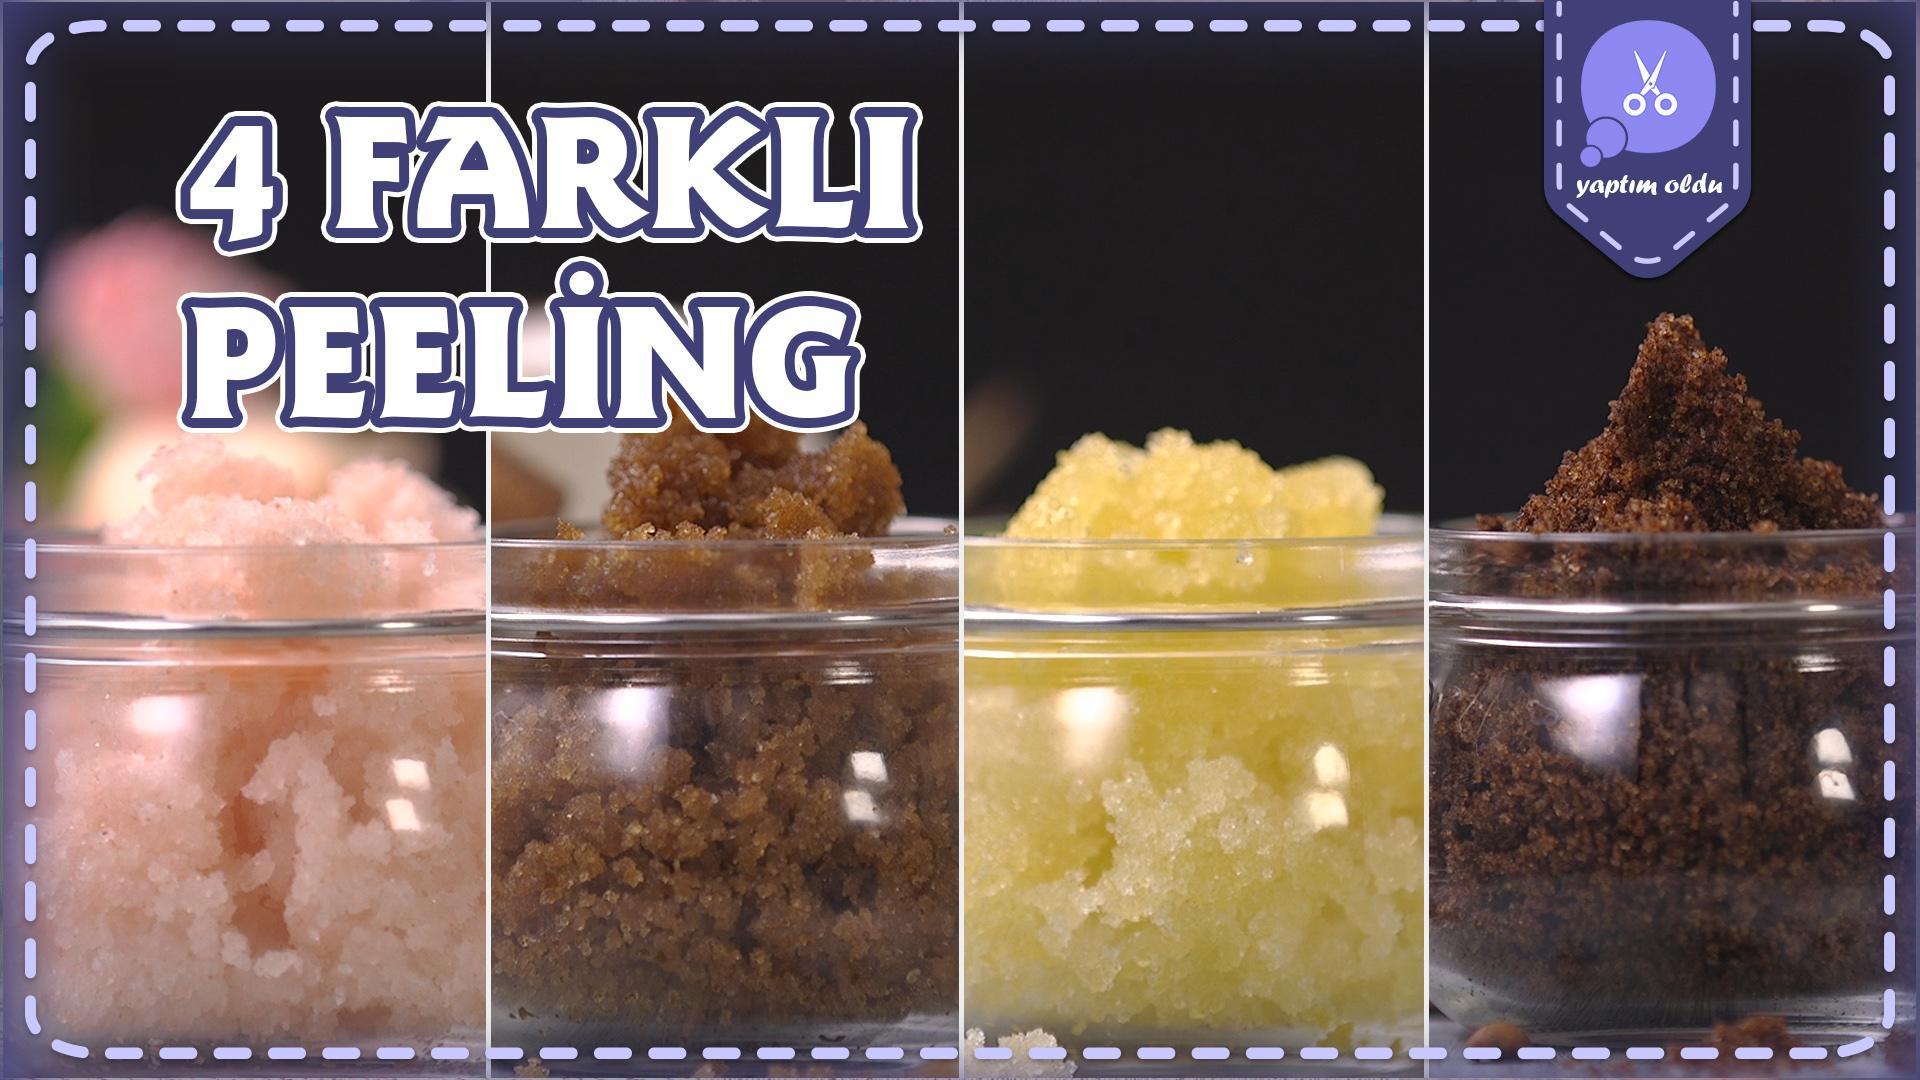 Bu Bahar Doğal Yöntemlerle Kendini Yenilemek İsteyenler İçin: 4 Farklı Peeling Tarifi